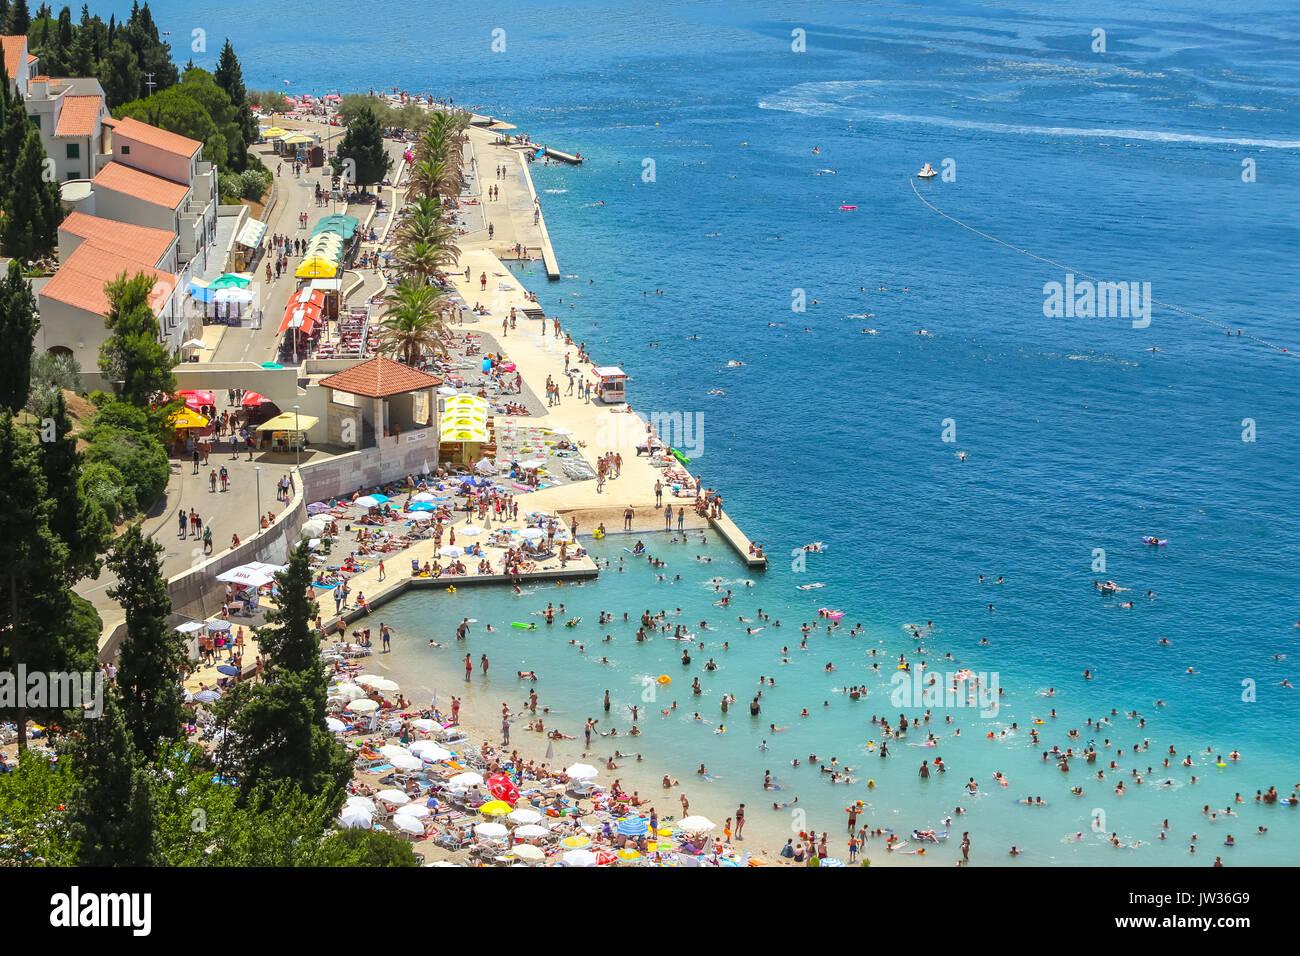 NEUM, Bosnie-herzégovine - le 16 juillet 2017: une vue sur le front de mer de la ville et les gens de la baignade et du farniente sur la plage à Neum, Bosnie-Herzégovine Banque D'Images